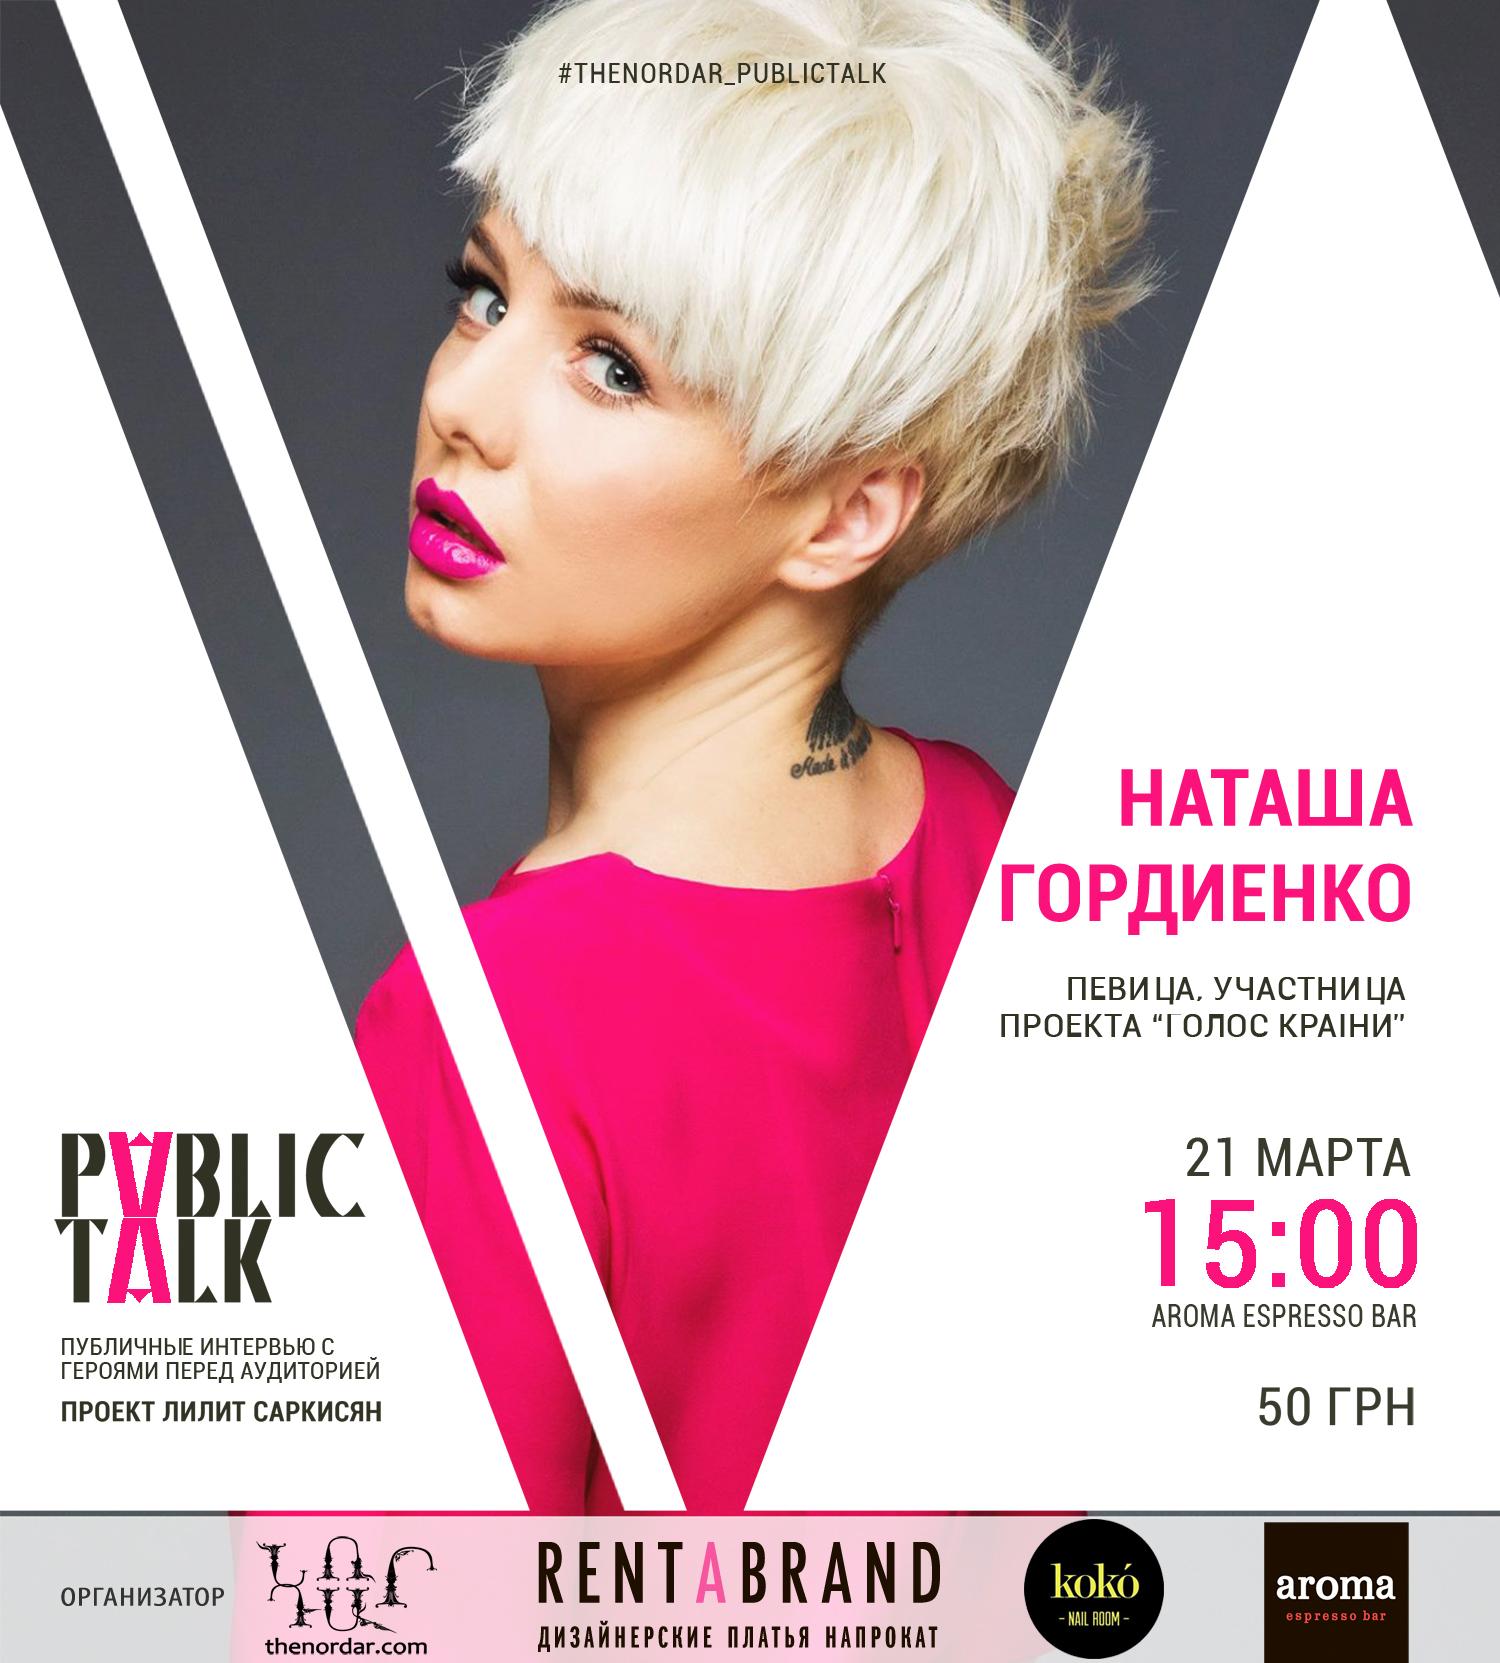 natasha_gordienko